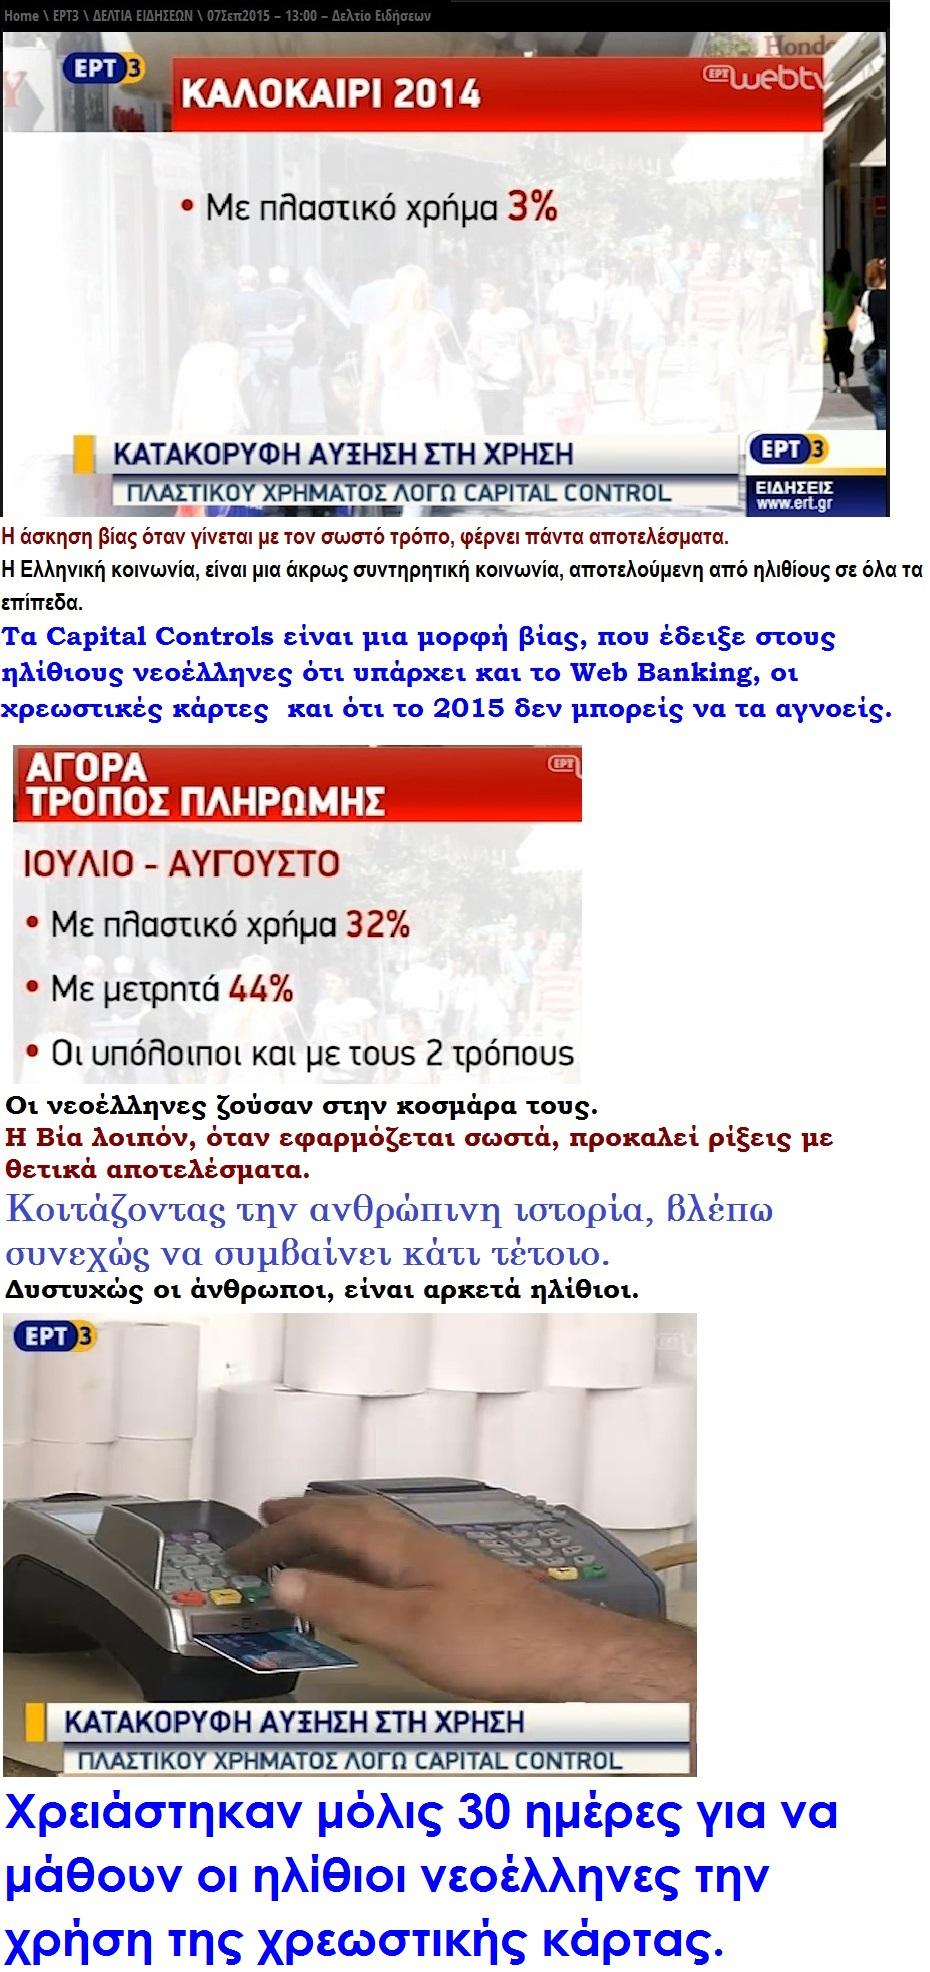 ELLADA CAPITAL CONTROLS 01 090915